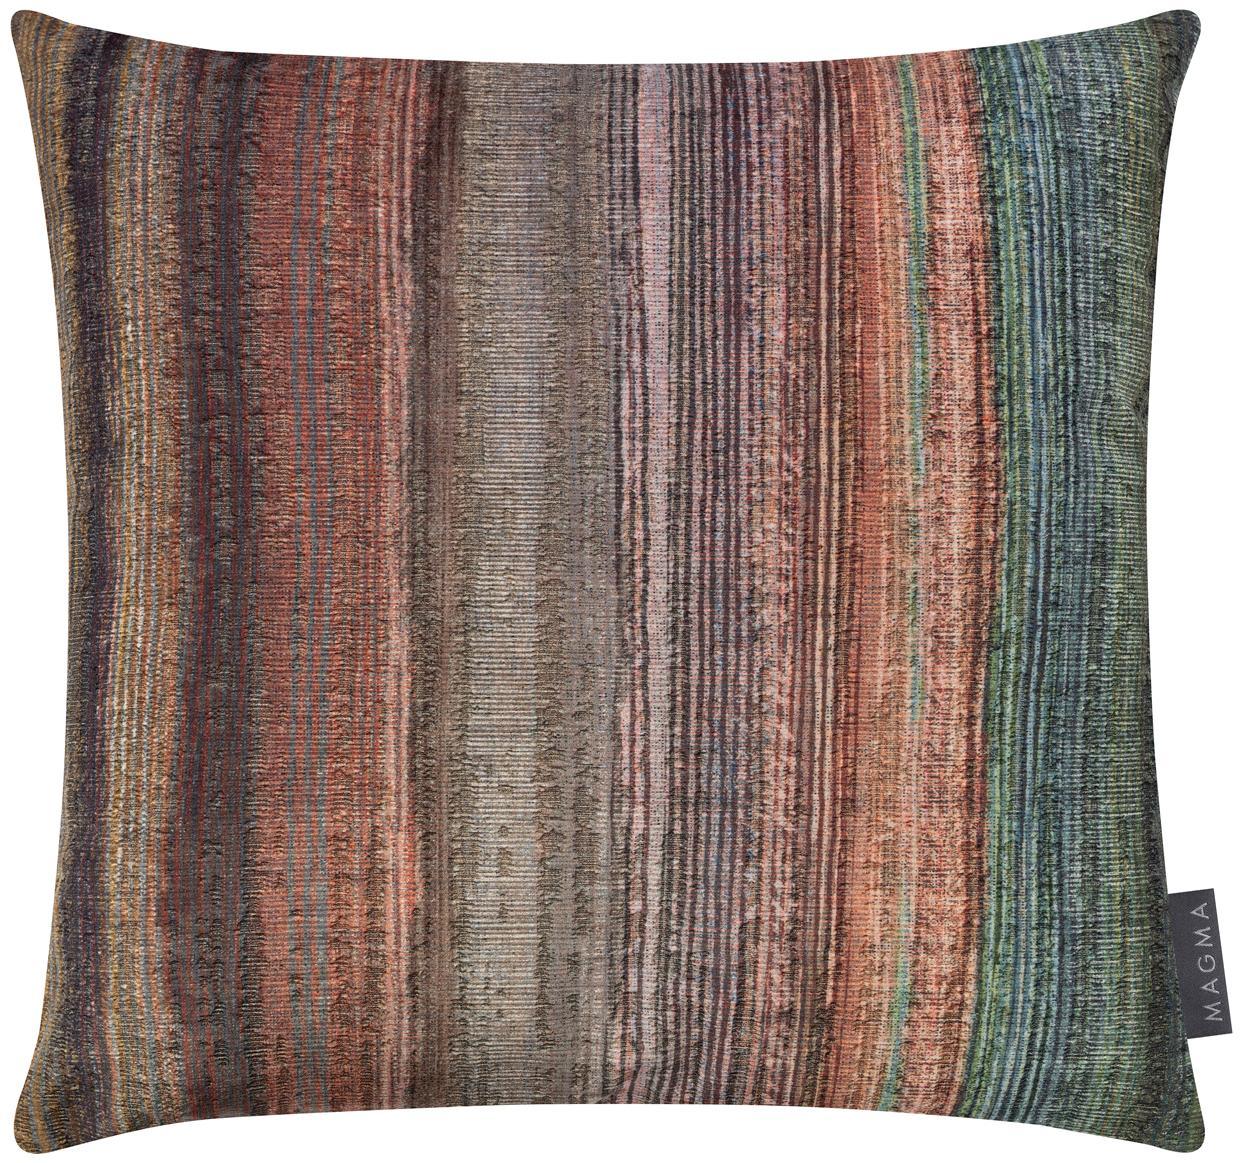 Poszewka na poduszkę z aksamitu Timon, Aksamit poliestrowy, Wielobarwny, niebieski petrol, S 40 x D 40 cm